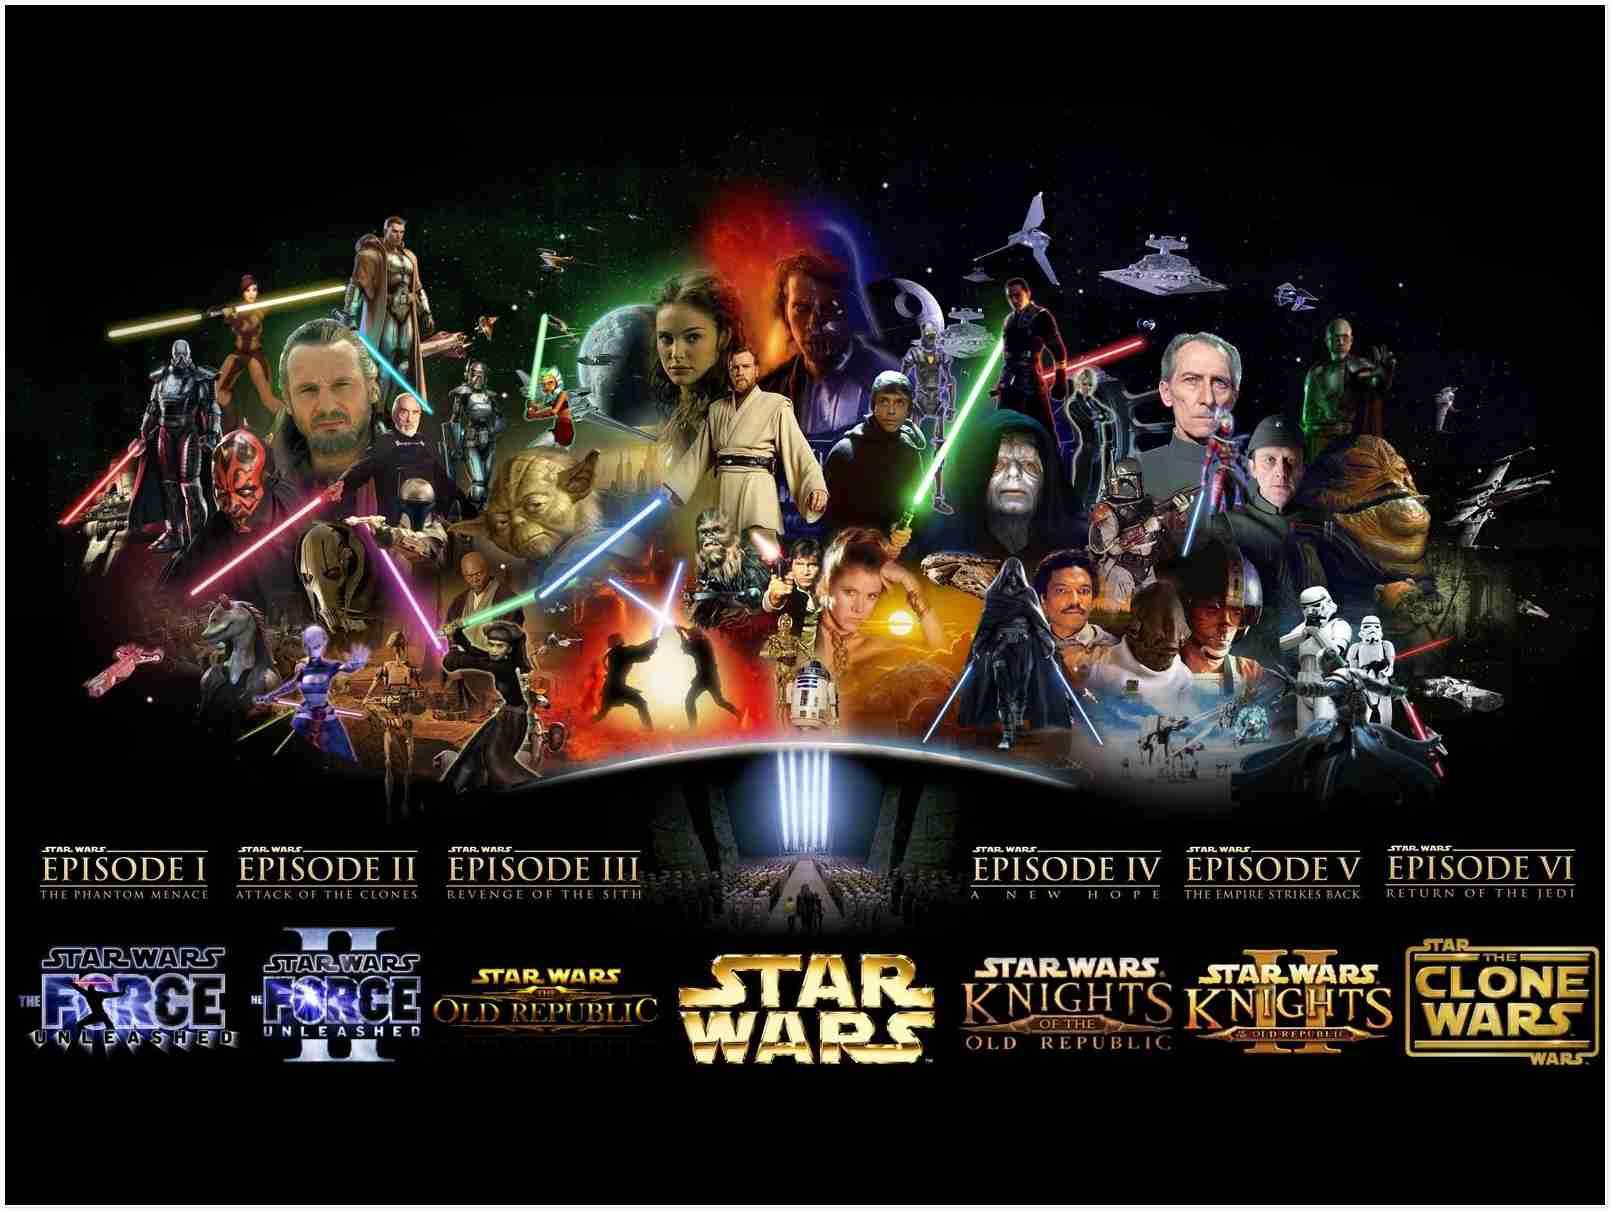 Get Free Computer Wallpapers Of Star Wars Star Wars The Last Jedi Stream 1611x1211 Wallpaper Teahub Io